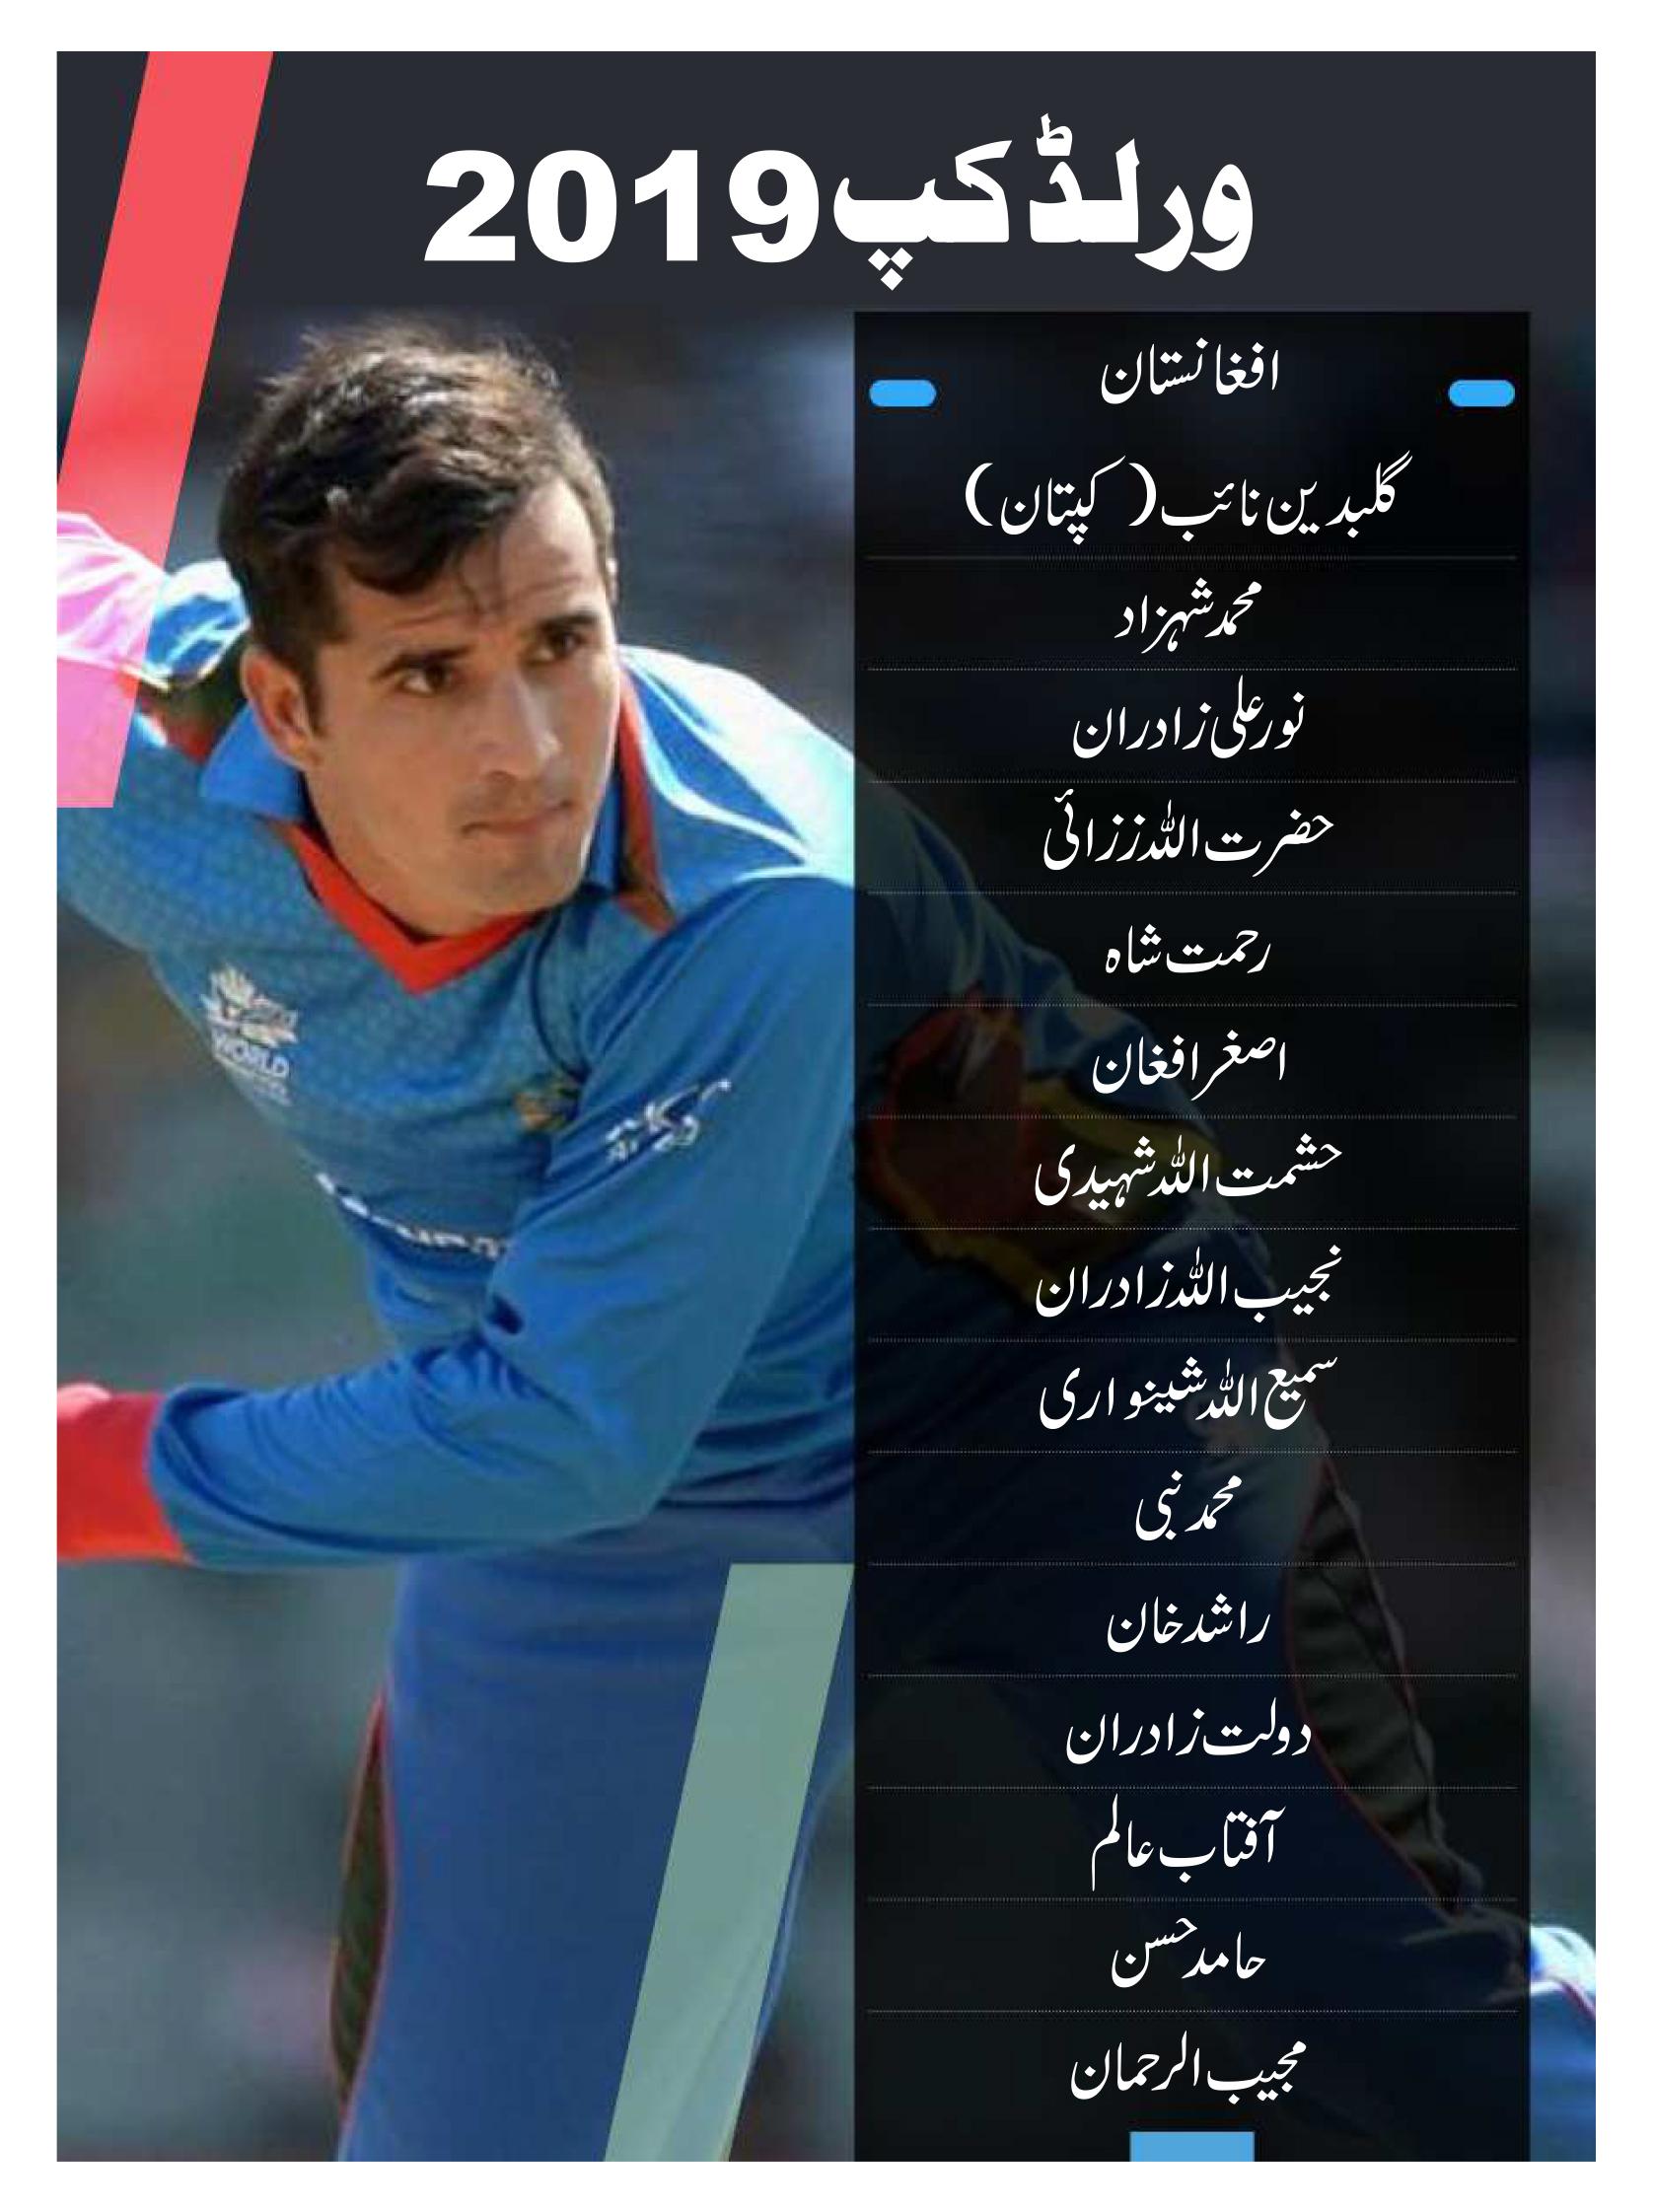 افغانستان کی ٹیم دوسری مرتبہ ورلڈ کپ کھیلنے کیلئے میدان میں اترے گی ۔ پہلی مرتبہ 2015 میں ورلڈ کپ میں اترنے والی یہ ٹیم اس مرتبہ نئے کپتان کے ساتھ میدان میں ہے ۔ اس ٹیم میں کچھ ایسے کھلاڑی ہیں جو کبھی بھی الٹ پھیر کرسکتے ہیں ۔